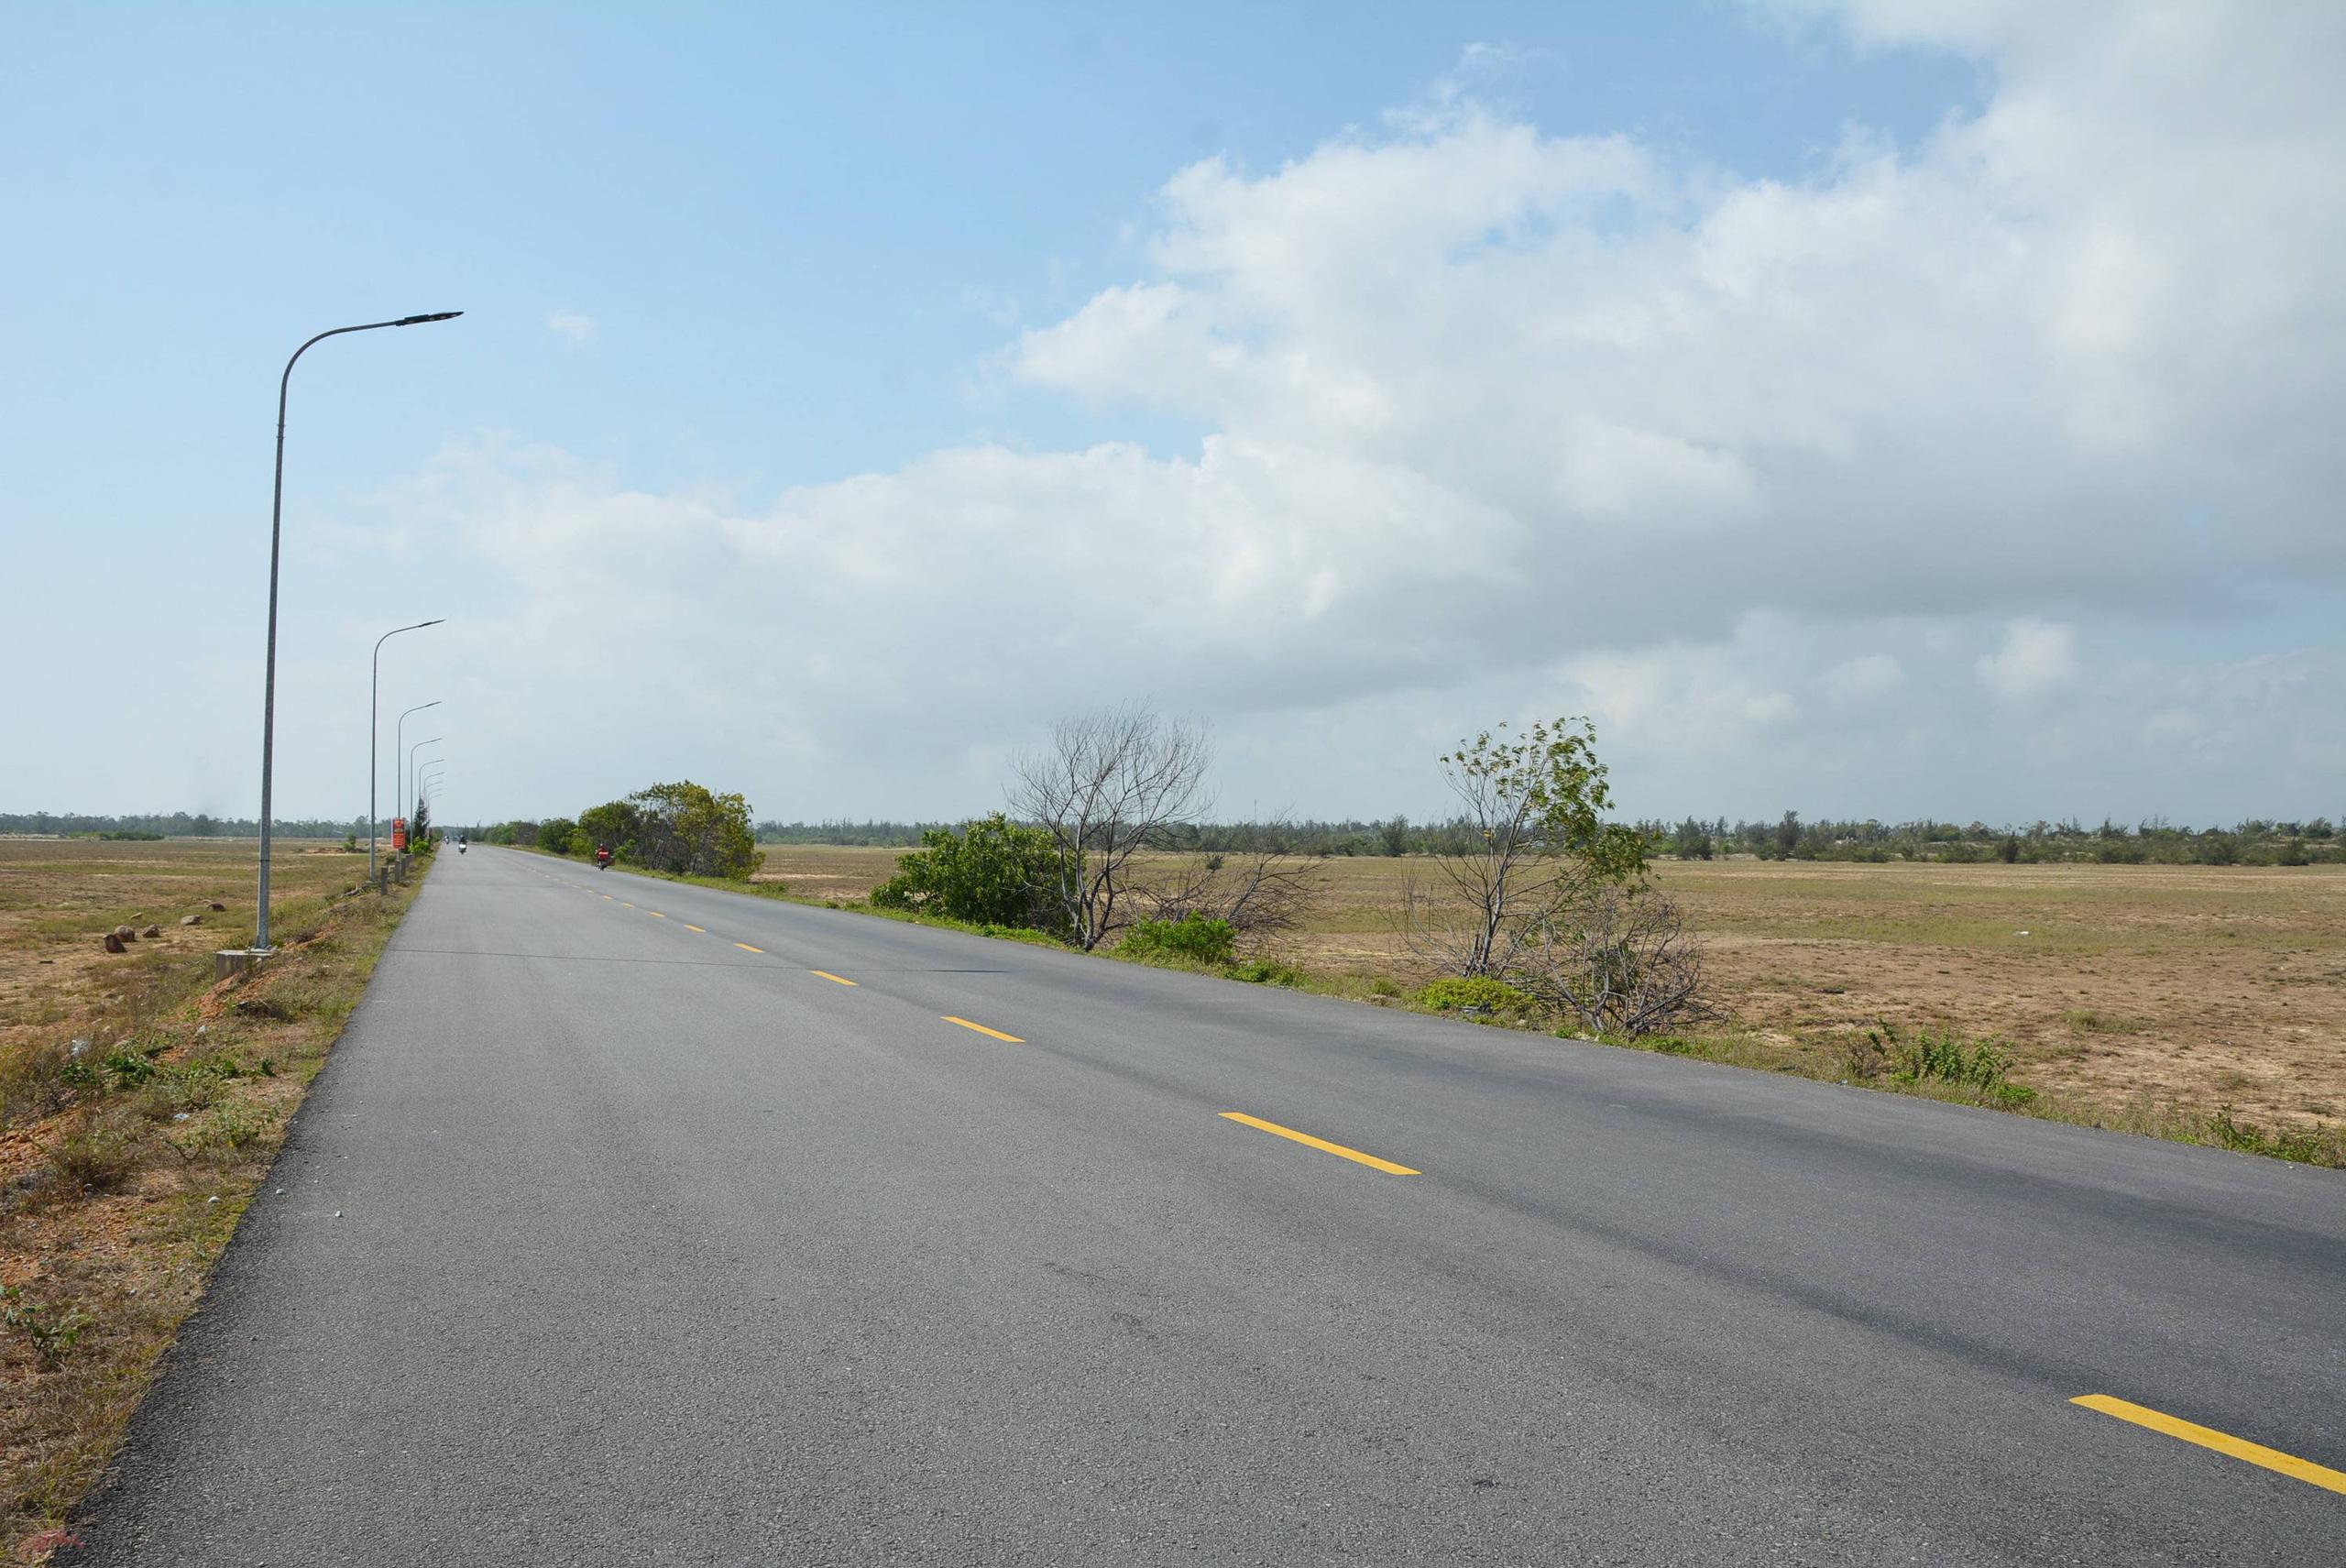 Con đường ở Quảng Nam có nhiều dự án du lịch, bất động sản nghìn tỷ đồng - Ảnh 2.